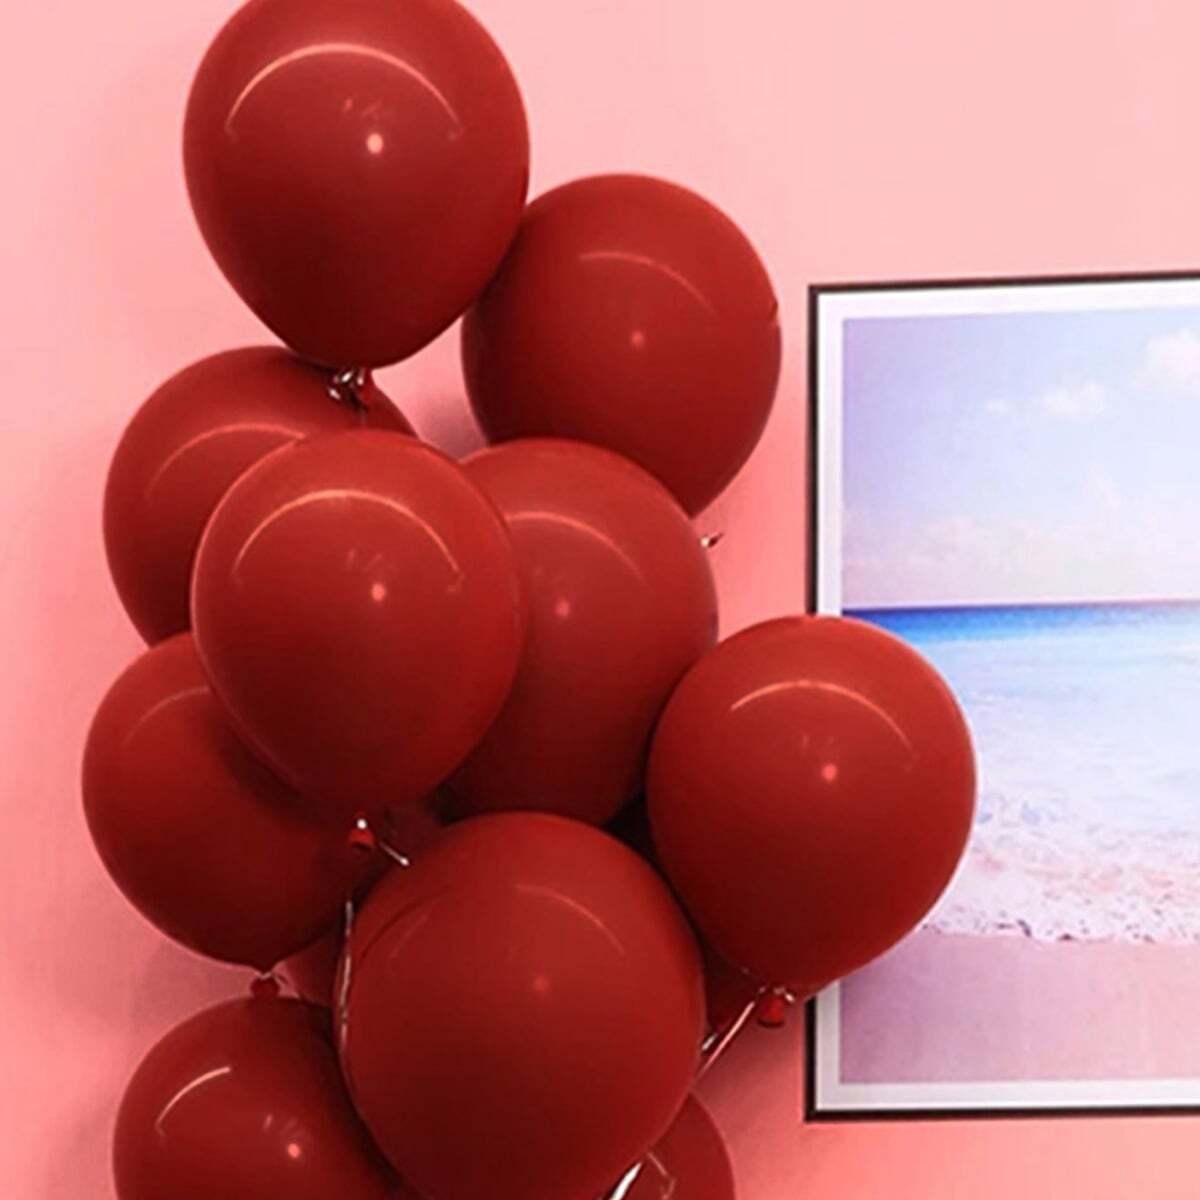 SHEIN / Feste dekorative Luftballons 10St